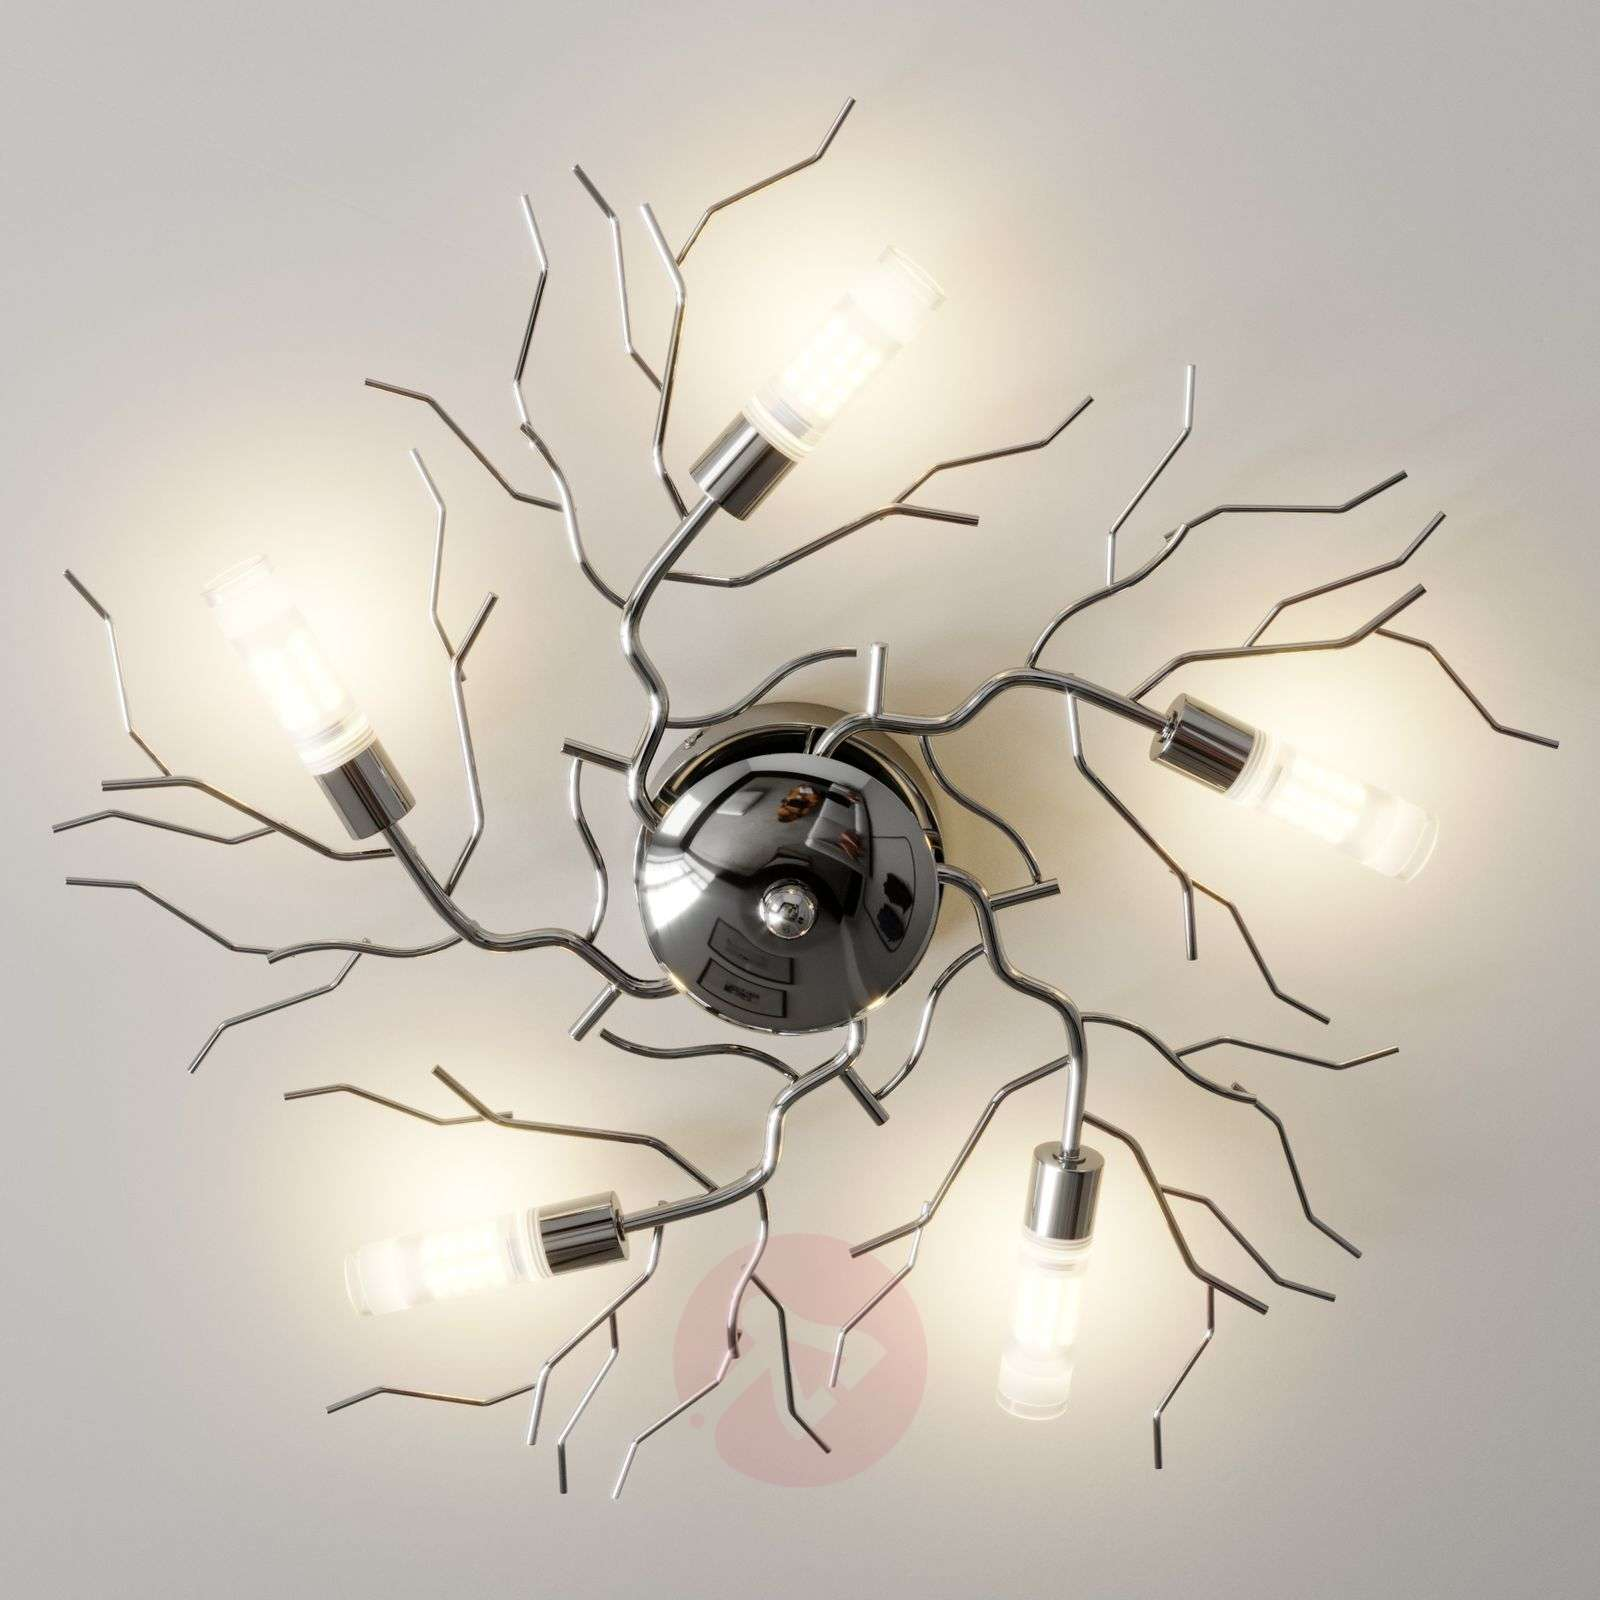 Oksamainen LED-kattovalaisin Felicity-9620804-024